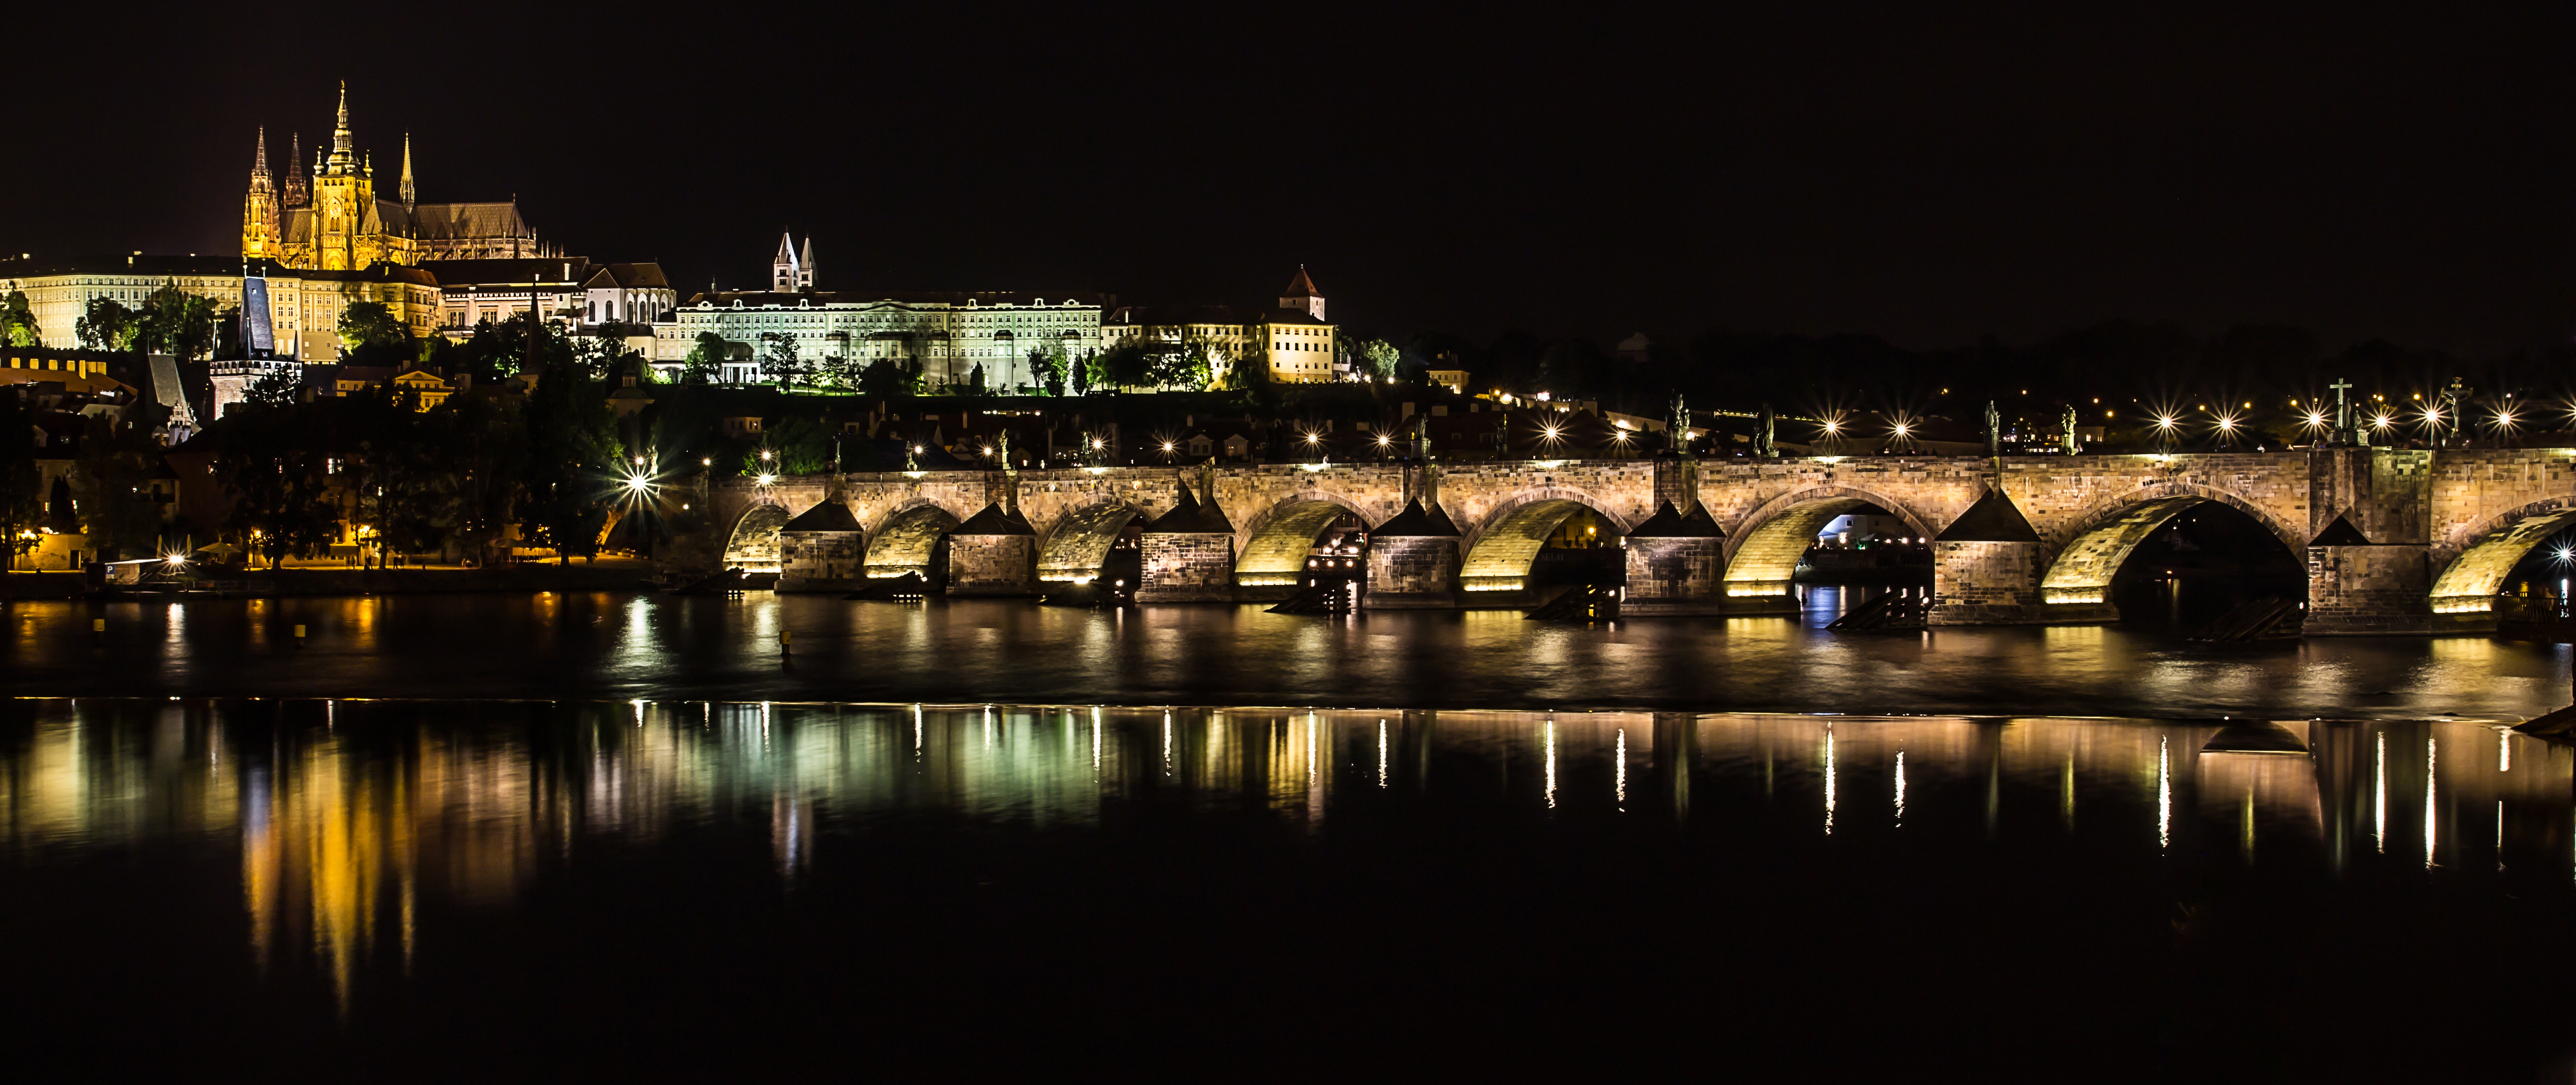 File:Charles Bridge at night - Prague 01.jpg - Wikimedia Commons